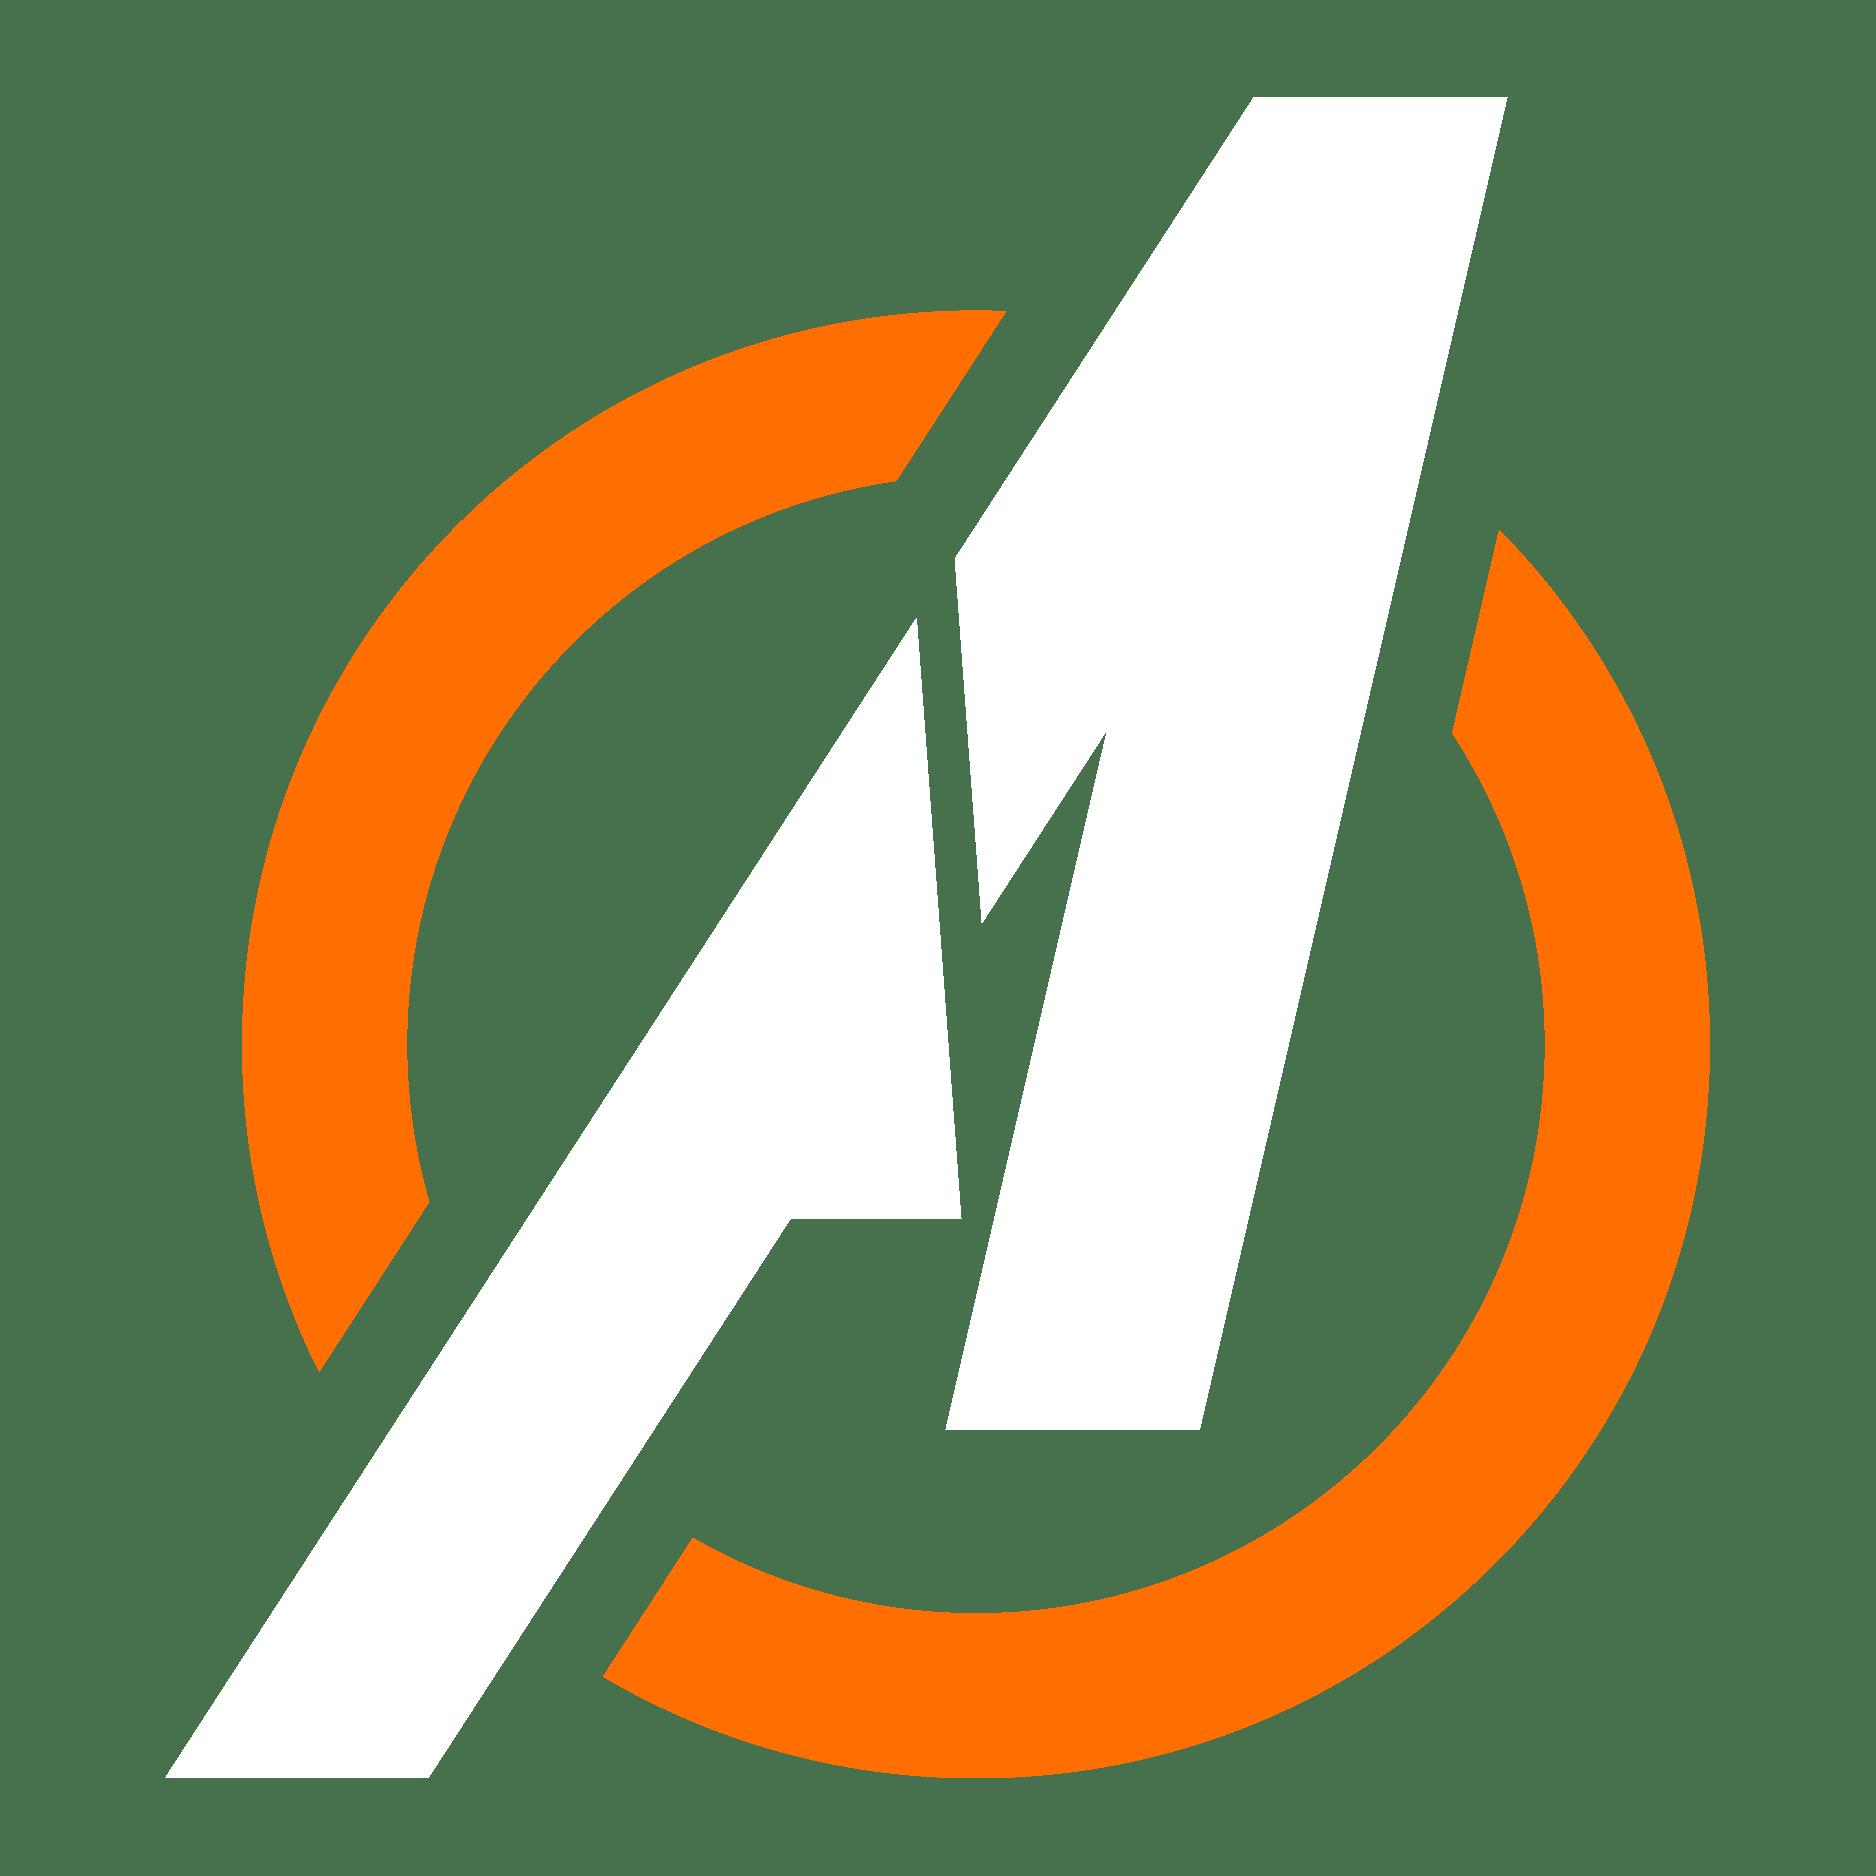 LOGO_ARNOLD_2020_A-FdAzul